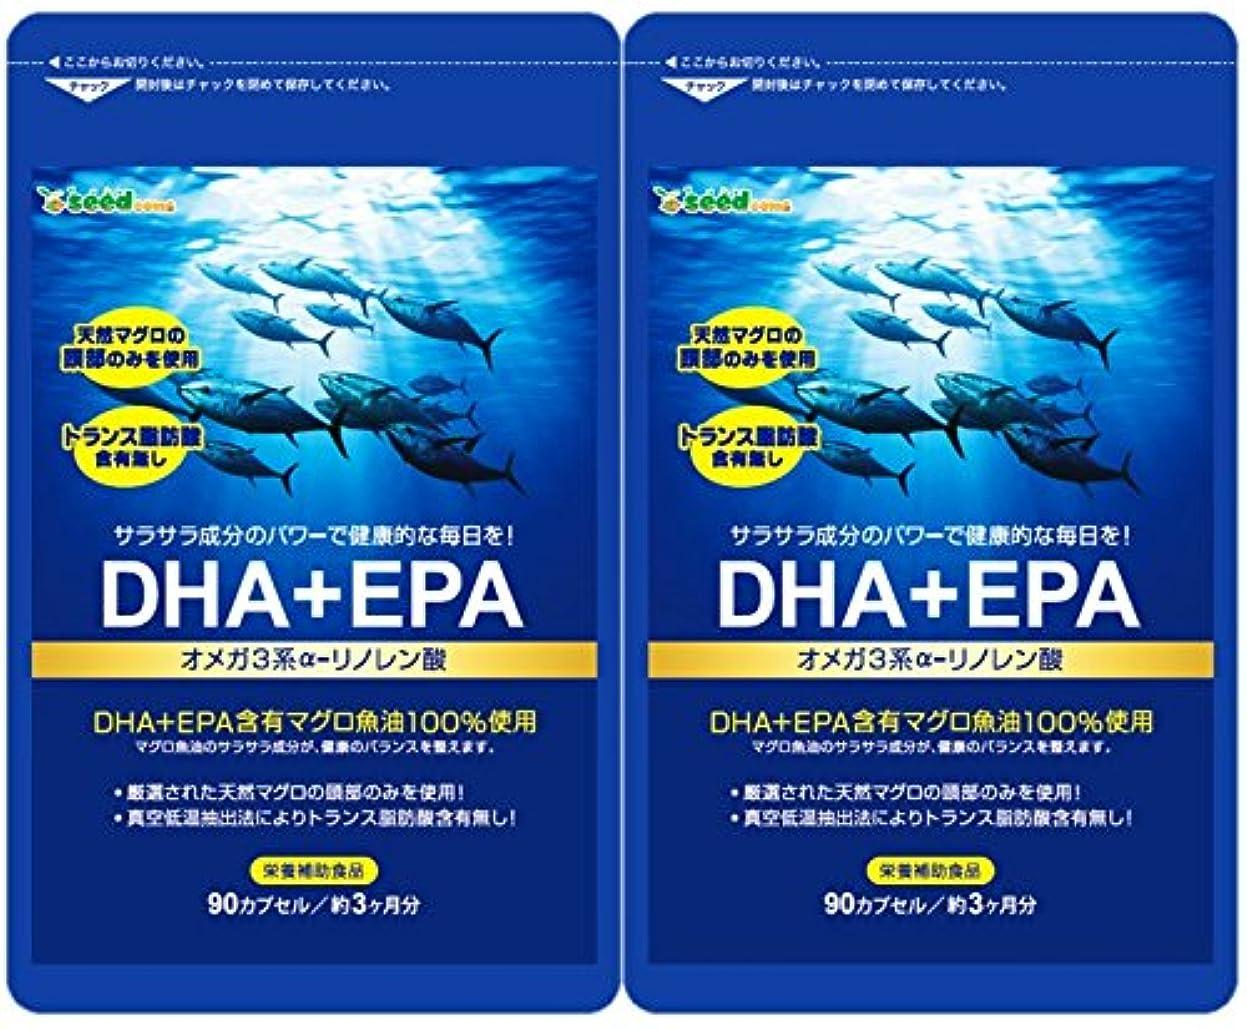 ステープルそれからネブDHA + EPA (約6ヶ月分/180粒) トランス脂肪酸 0mg ビンチョウマグロの頭部のみを贅沢に使用!